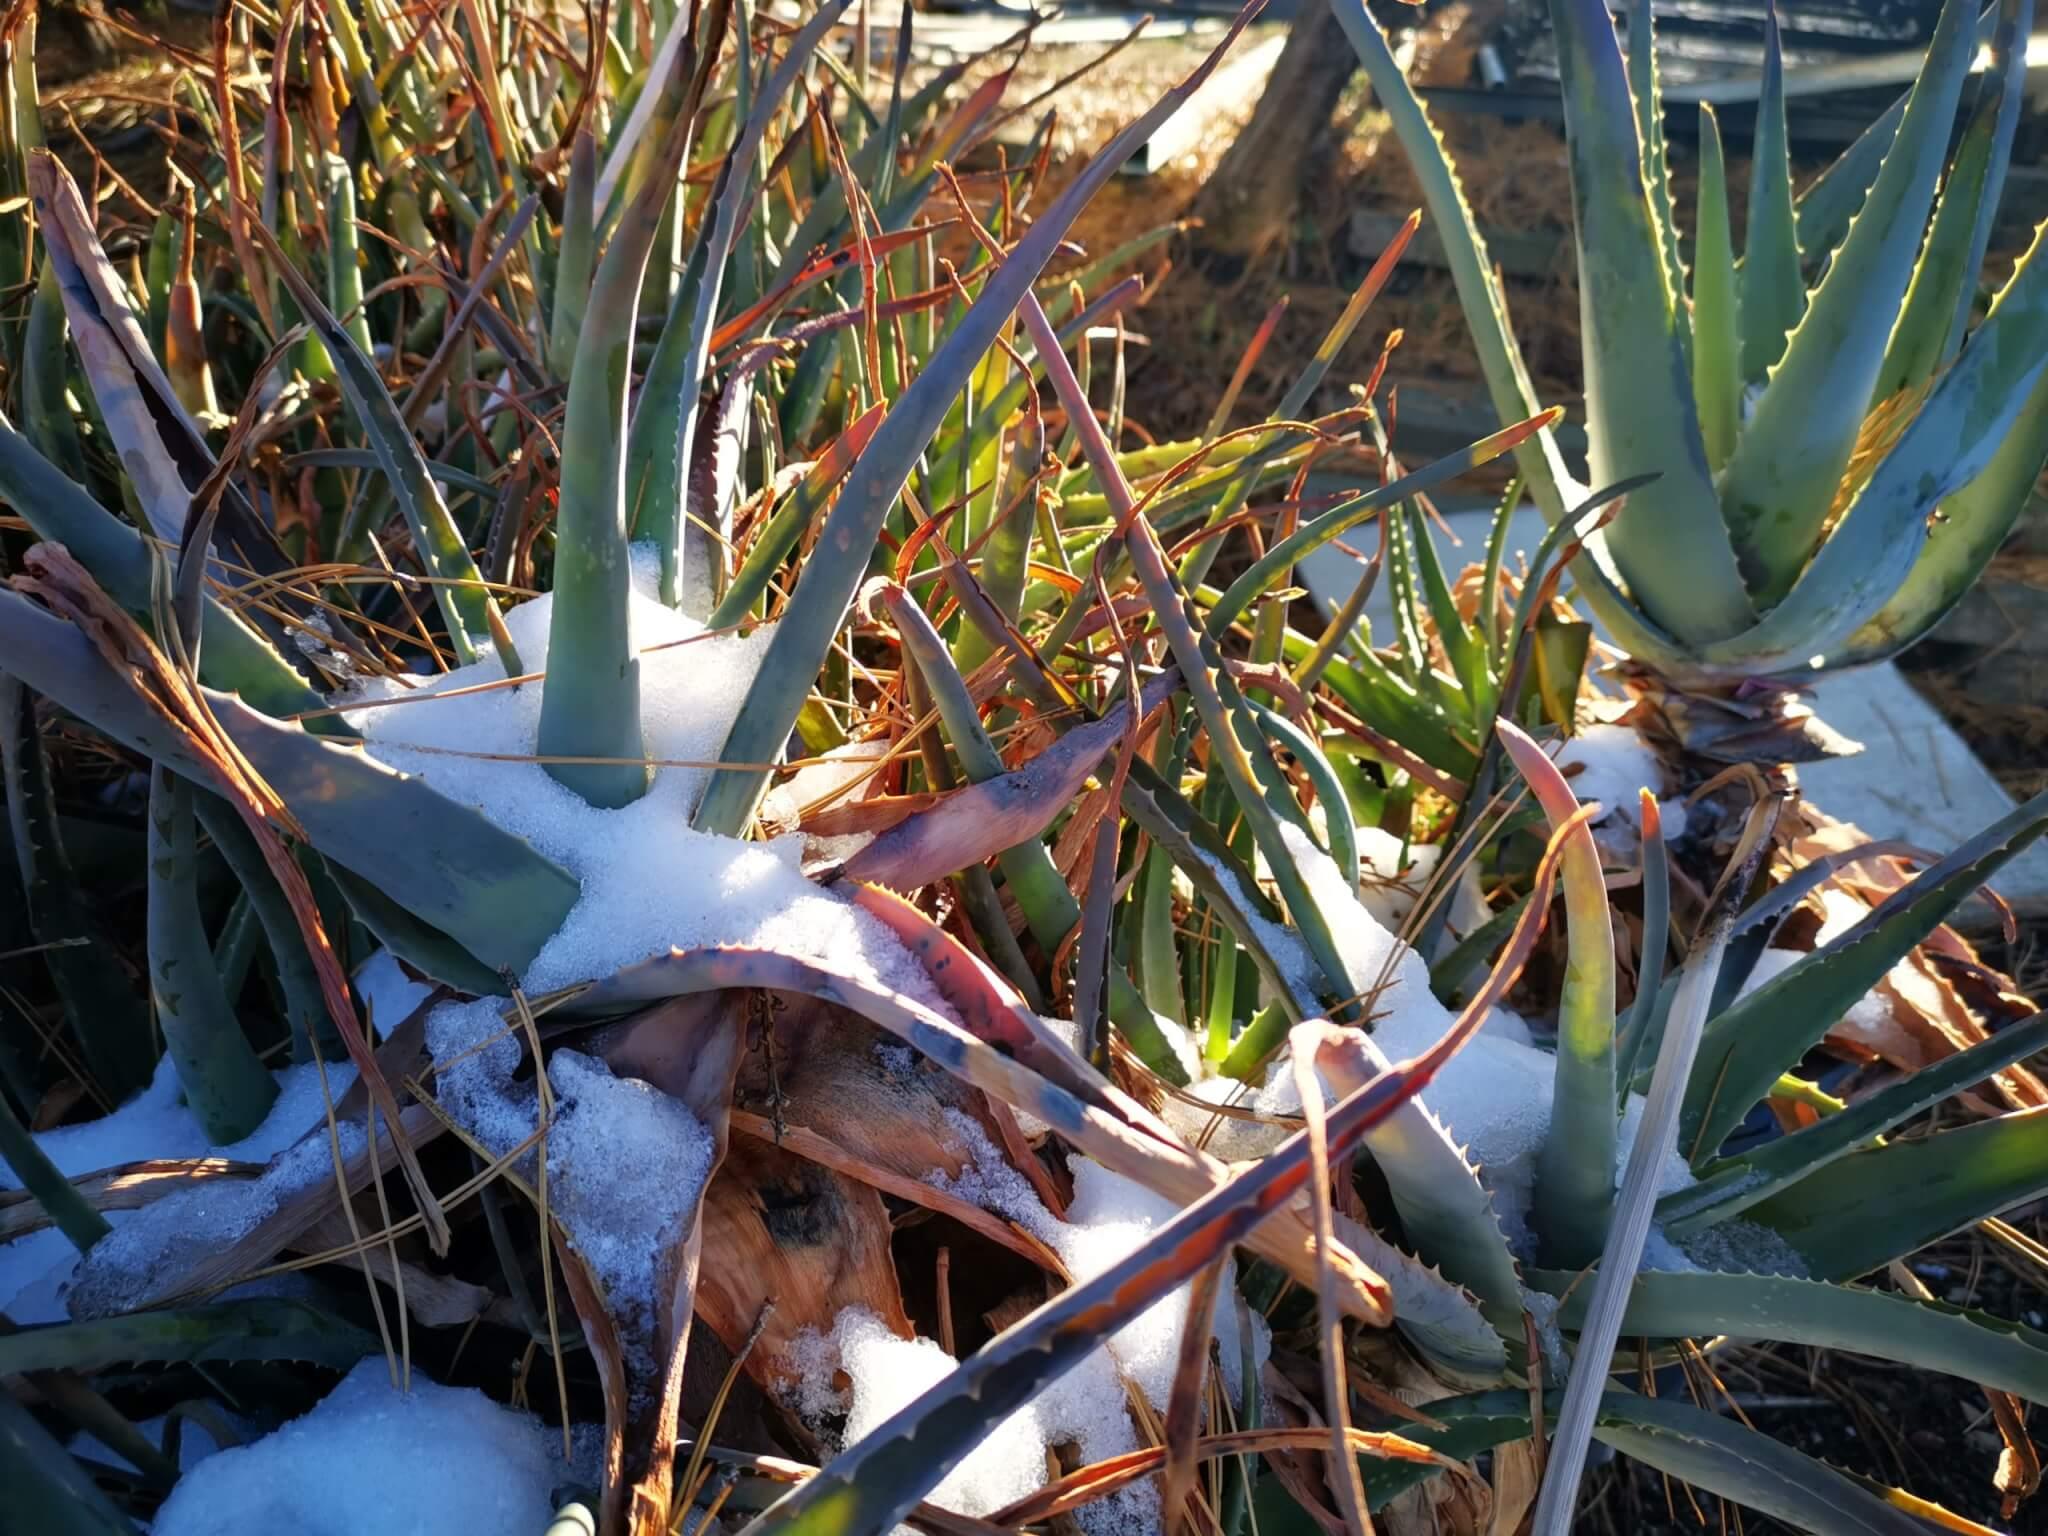 Frosthärtetest - Aloe vera im Schnee bei Kakteen-Haage